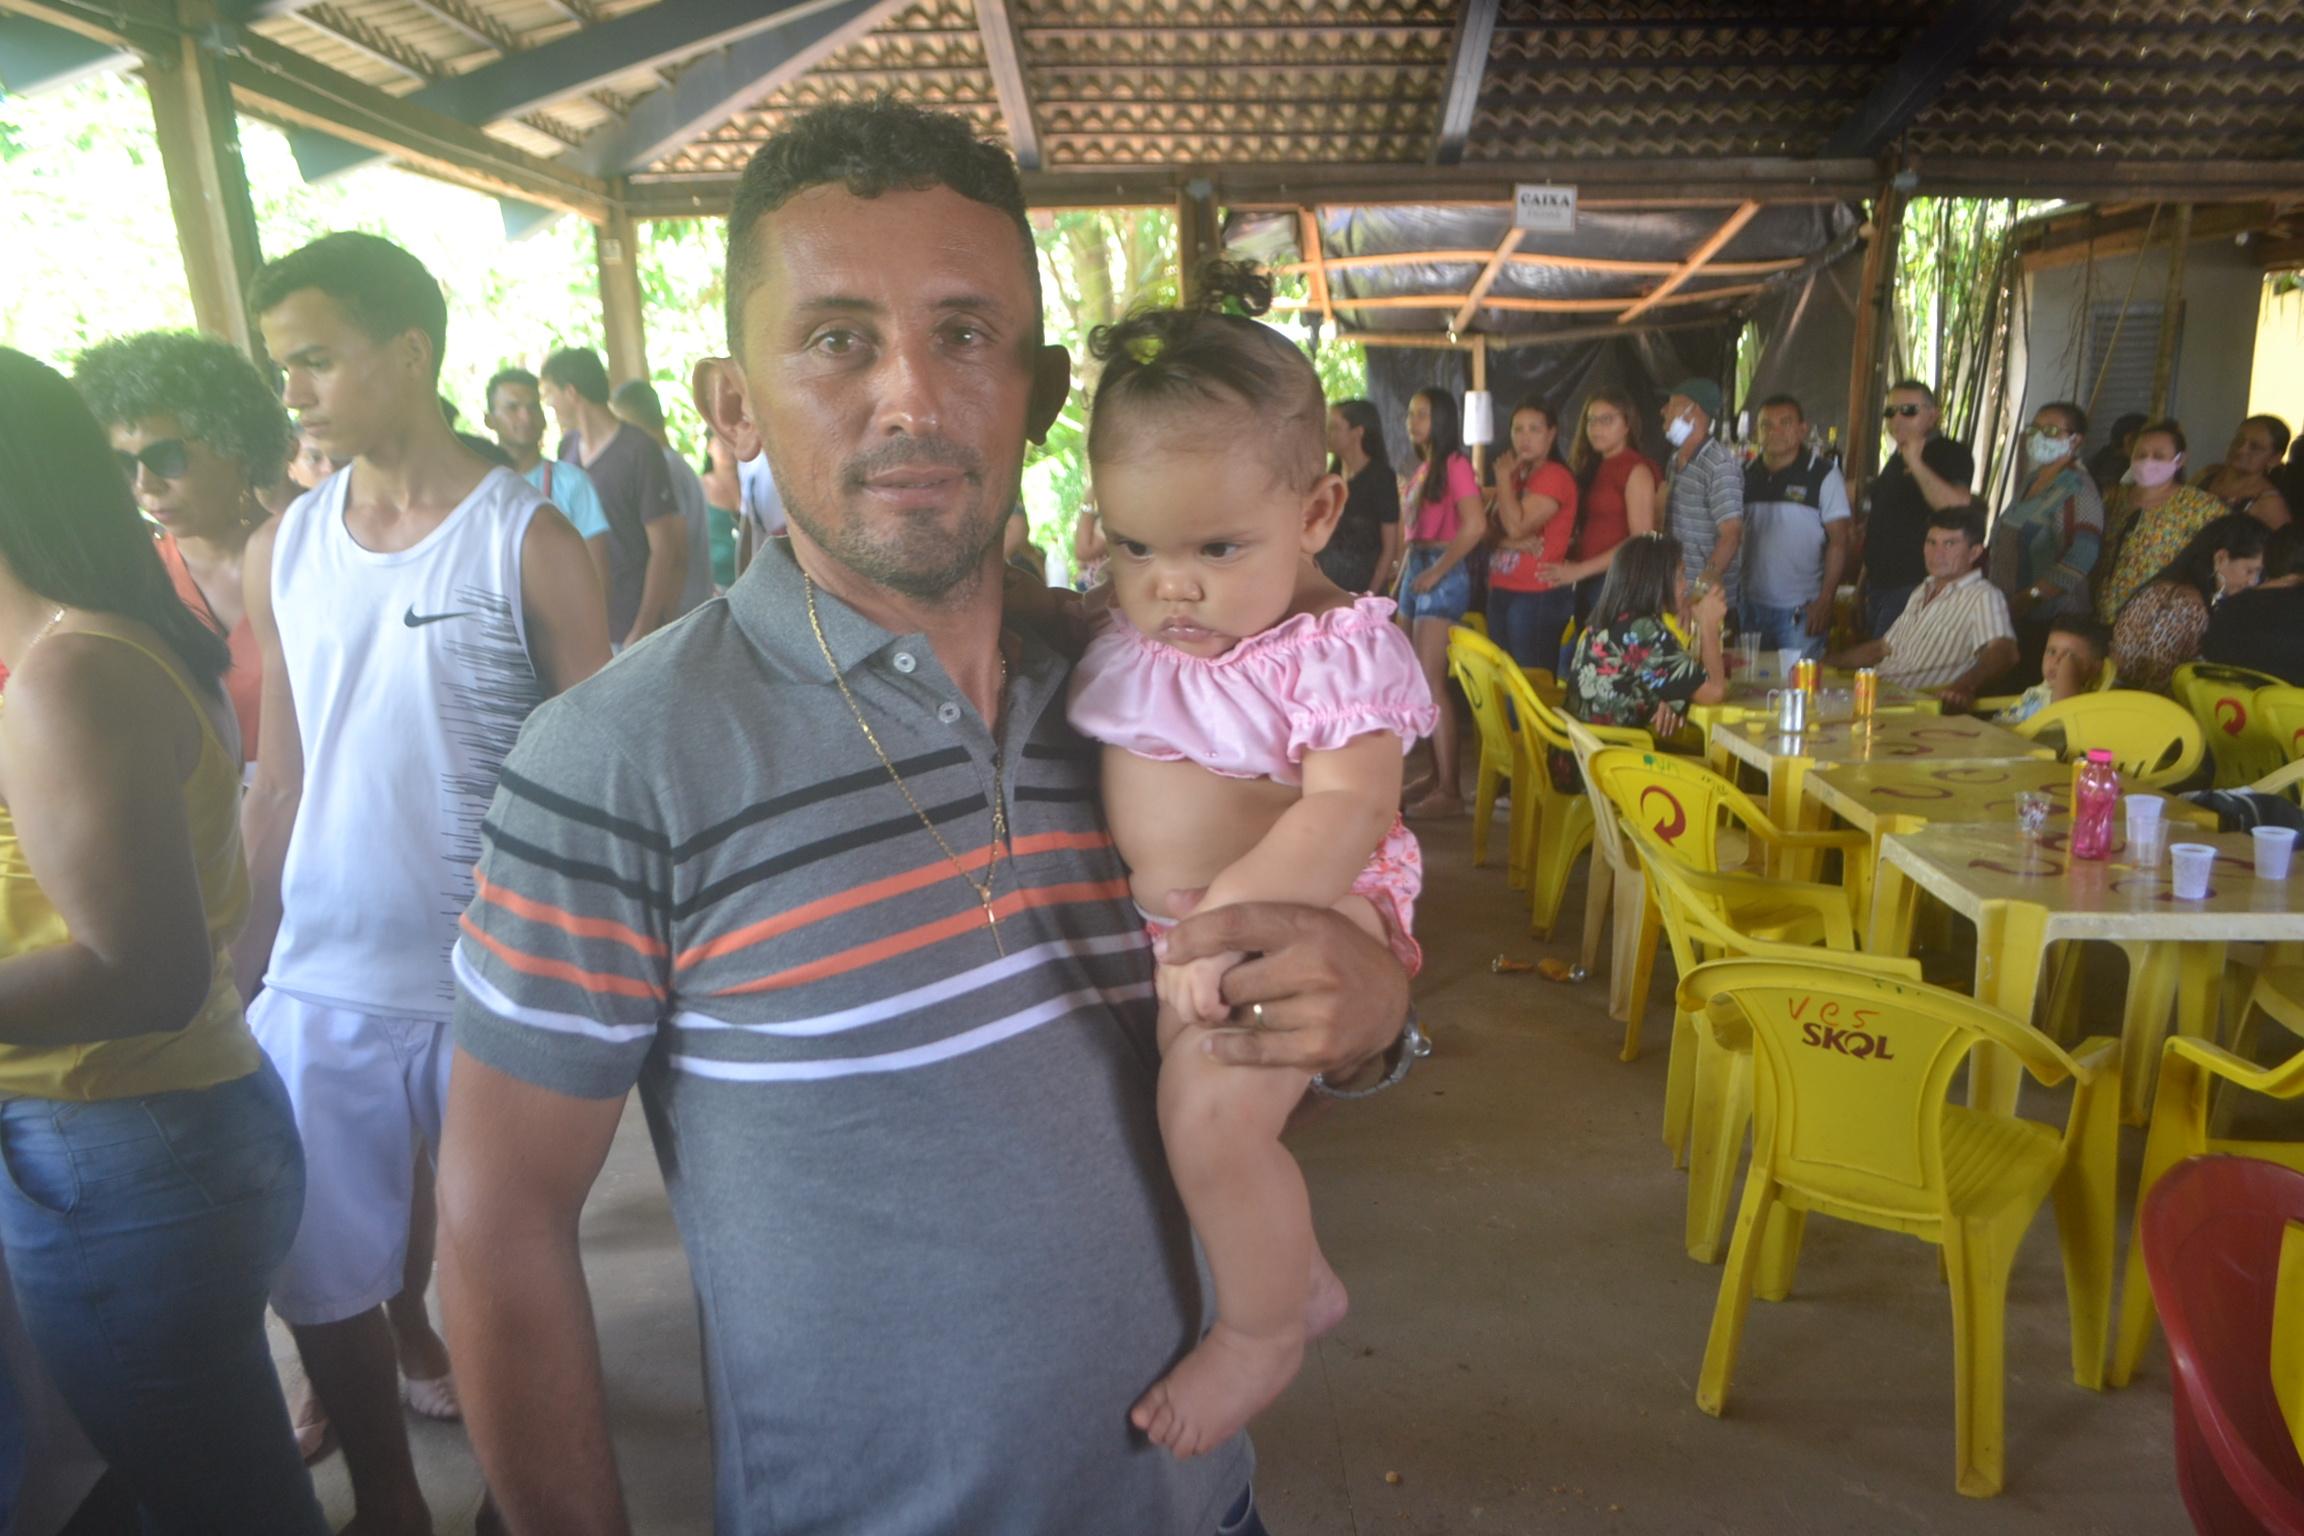 Vereador Eleito André Bandeira eleito com 212 votos válidos - Foto: Edsom Gilmar